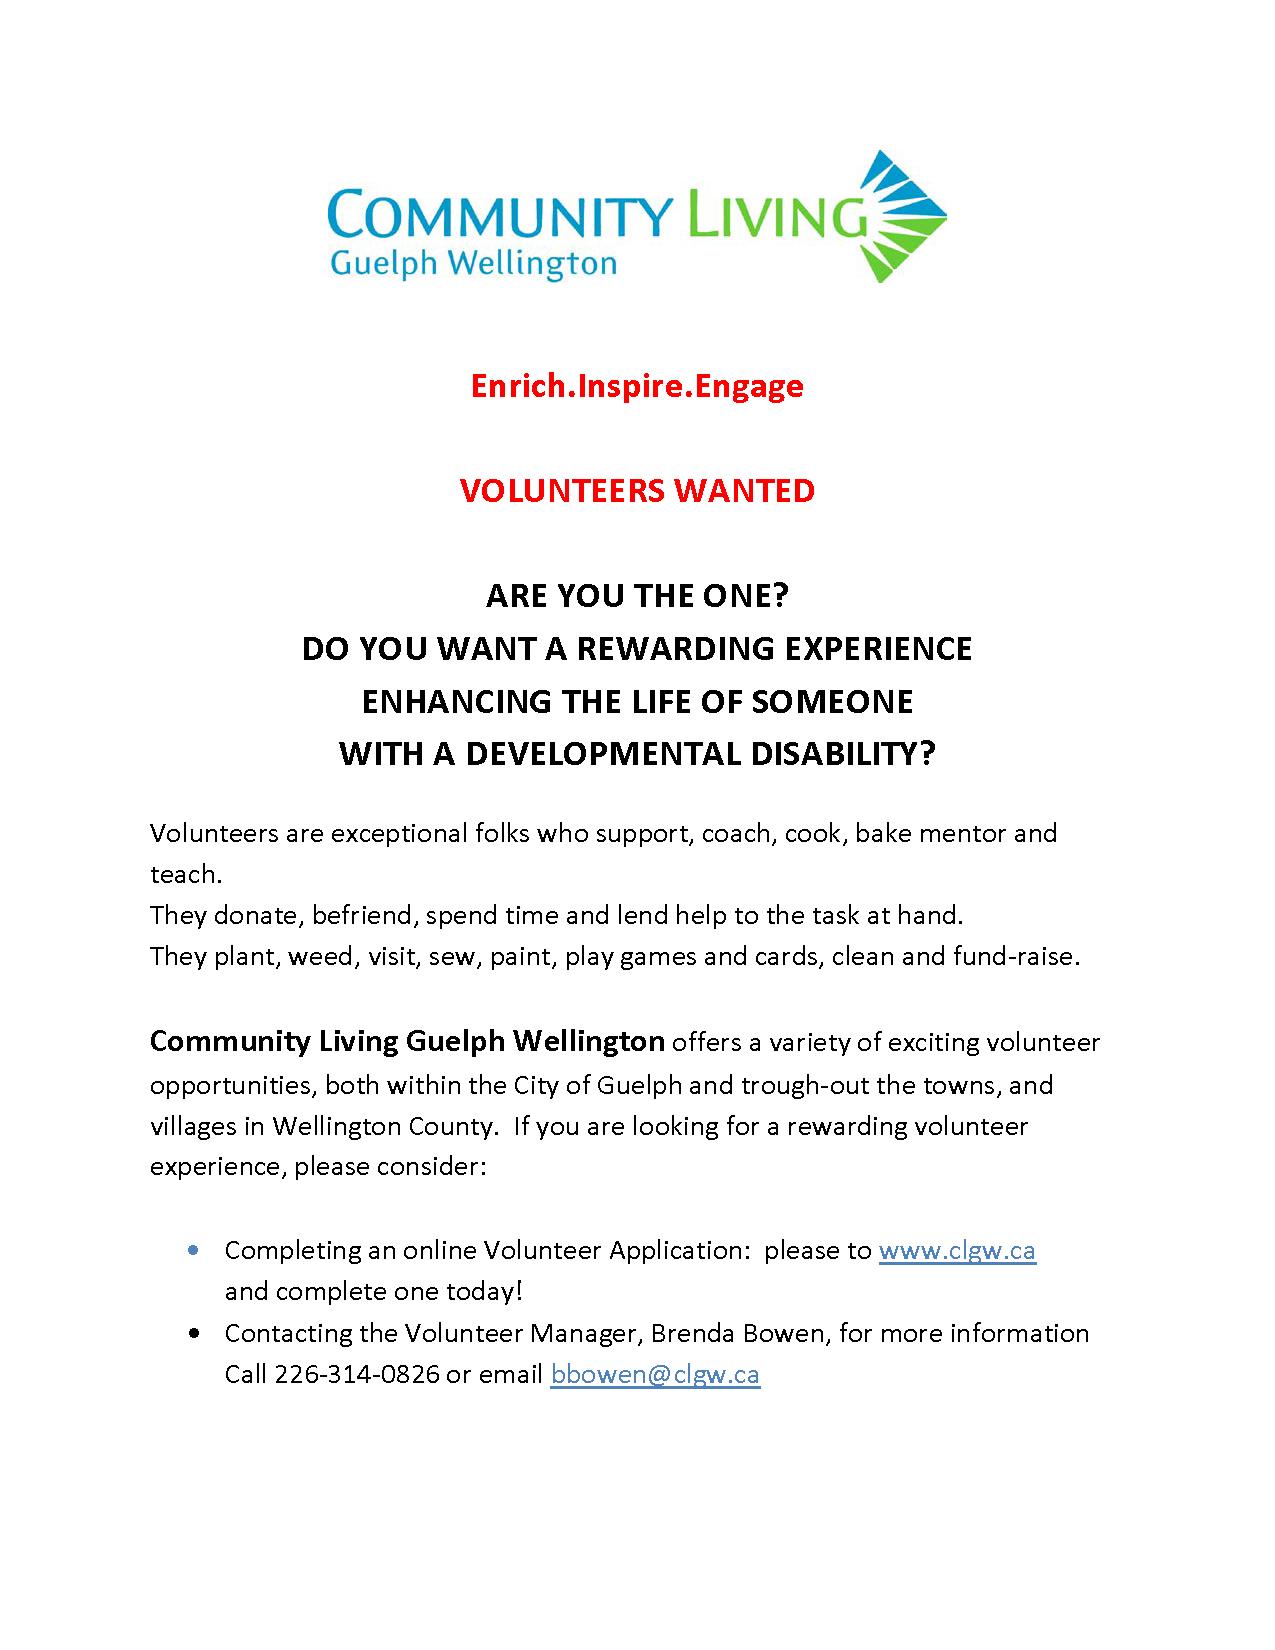 CLGW Volunteers Wanted 2016